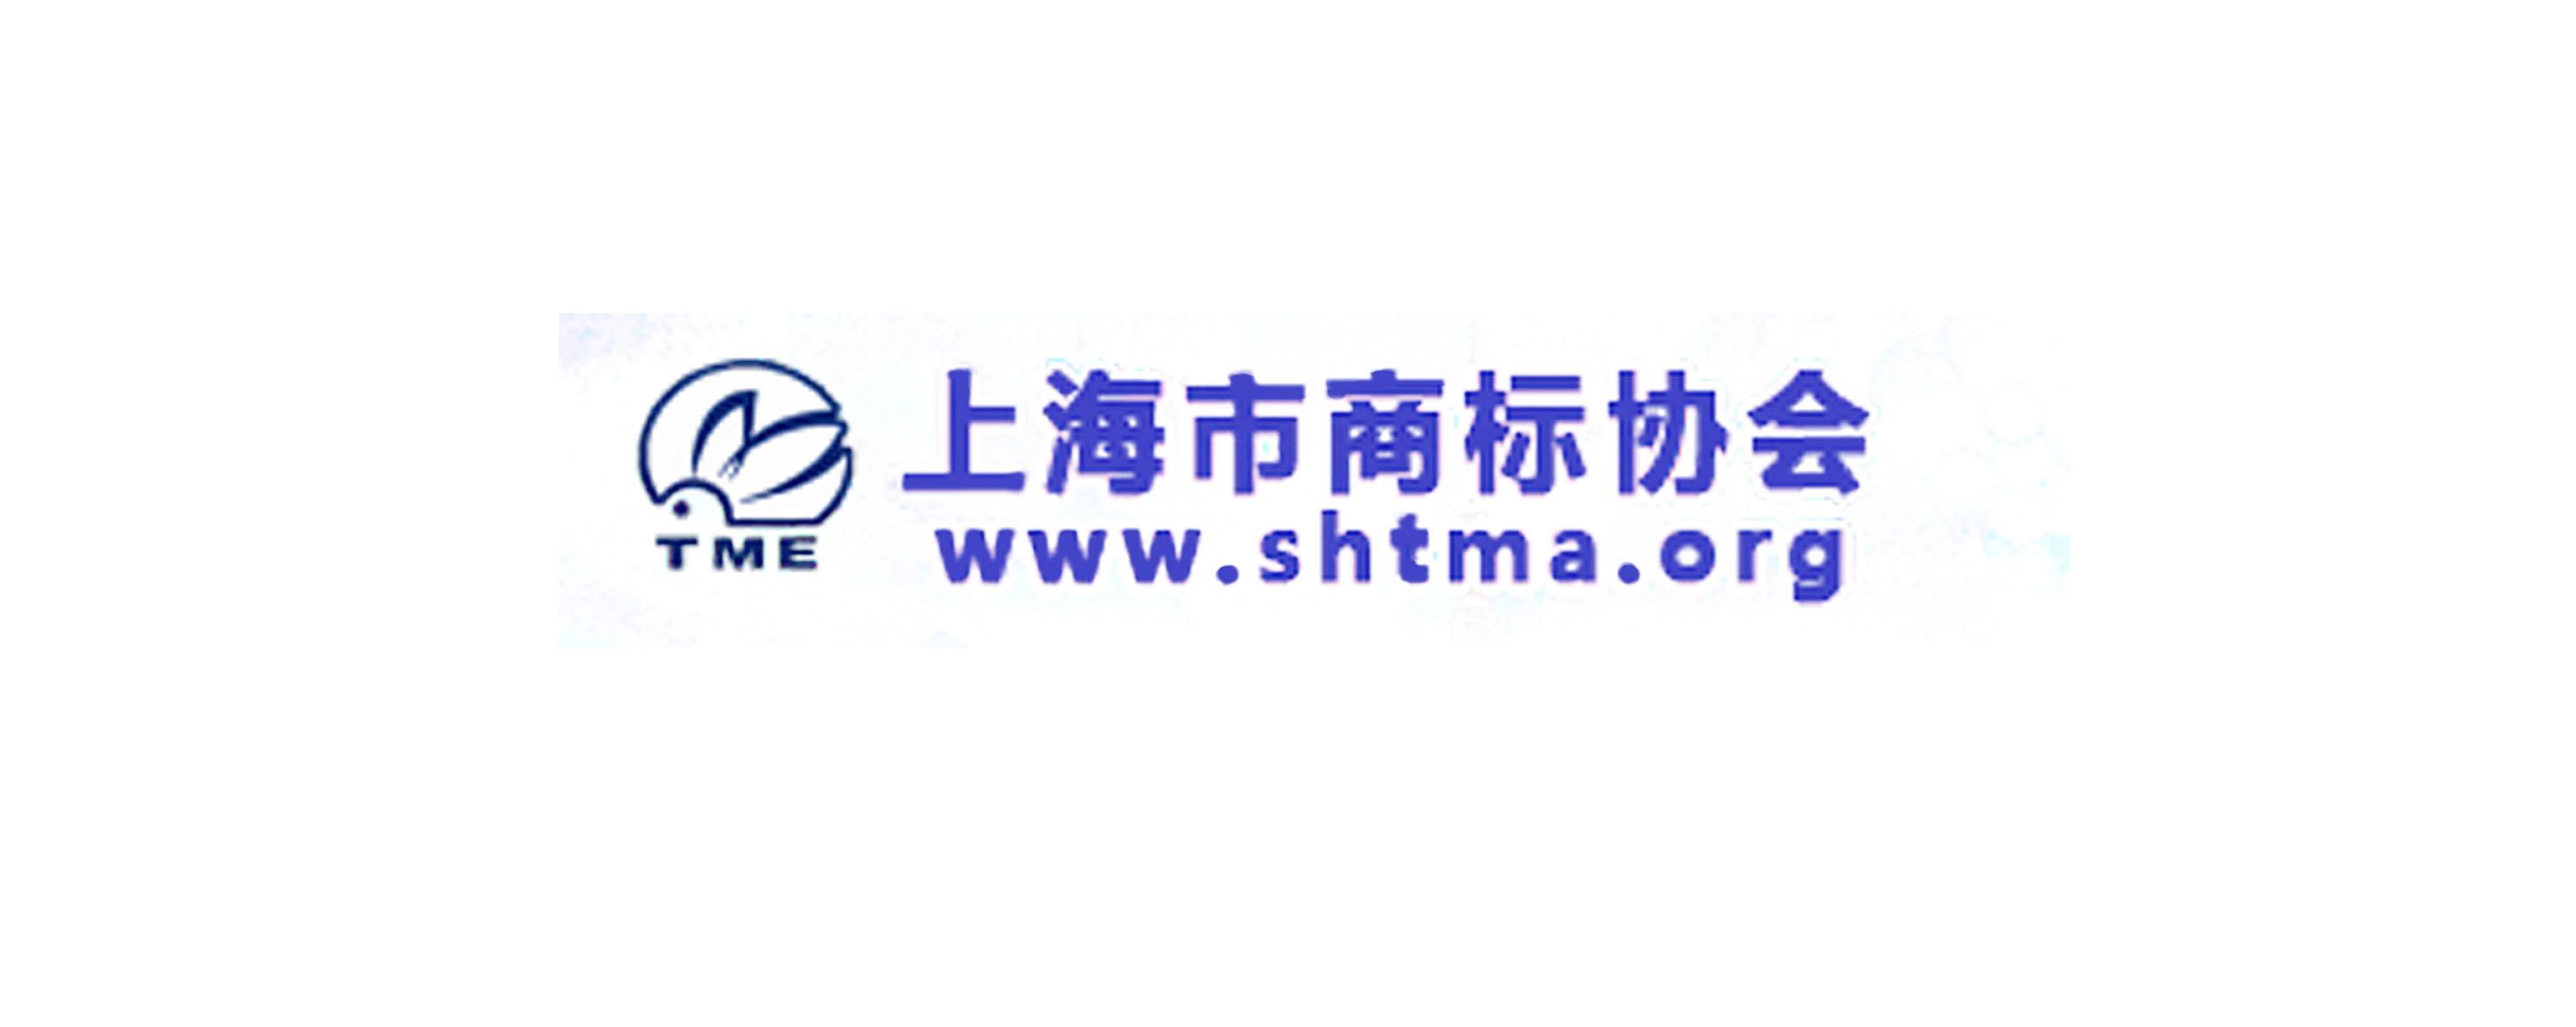 上海市商标协会